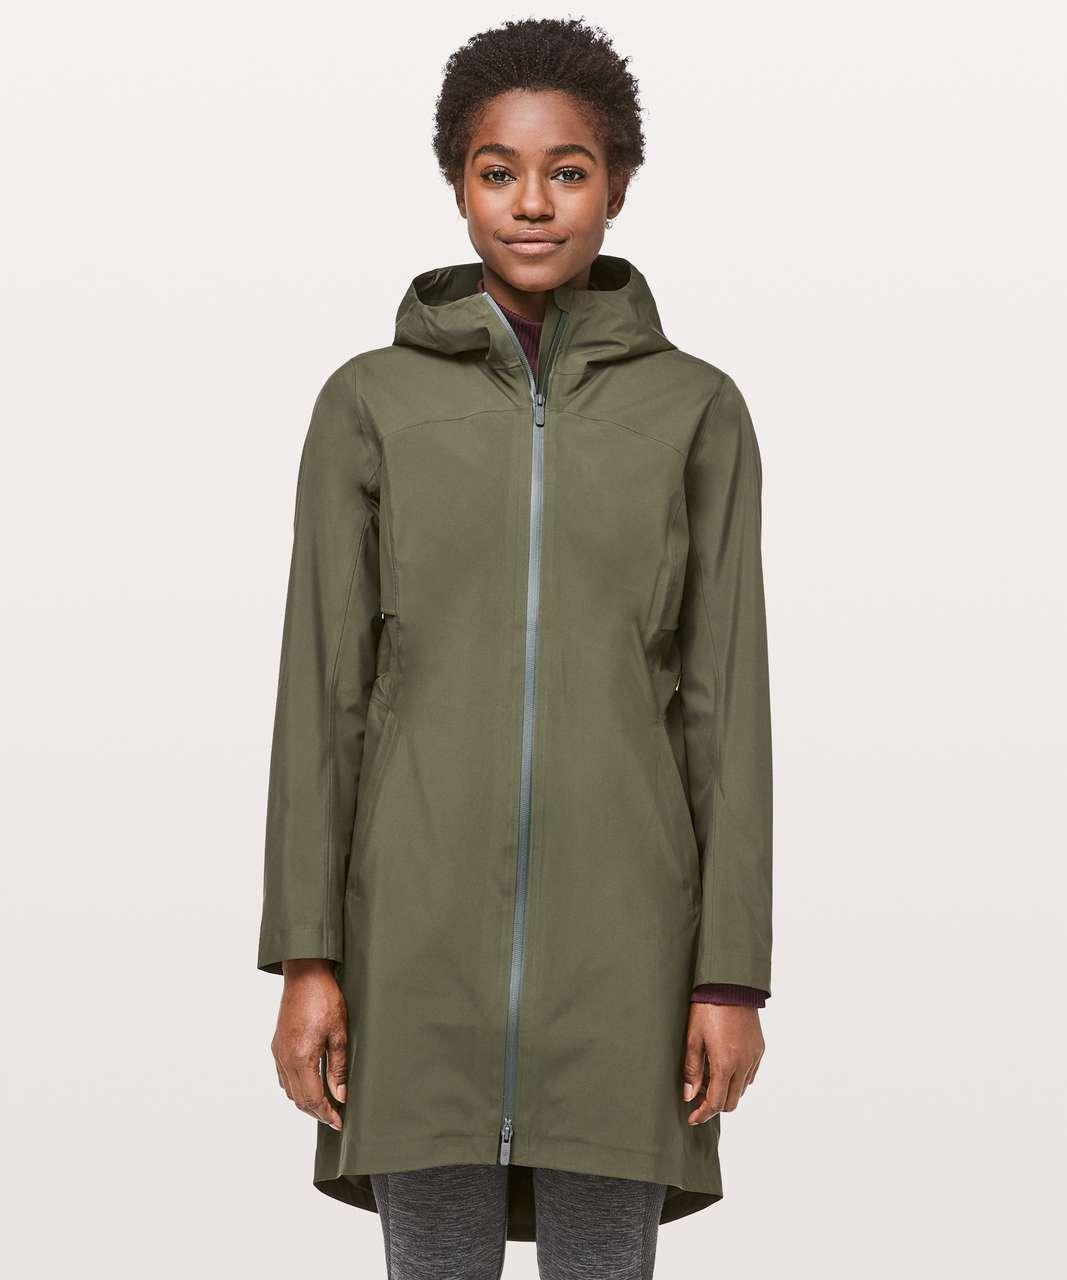 Lululemon Rain Rebel Jacket - Dark Olive